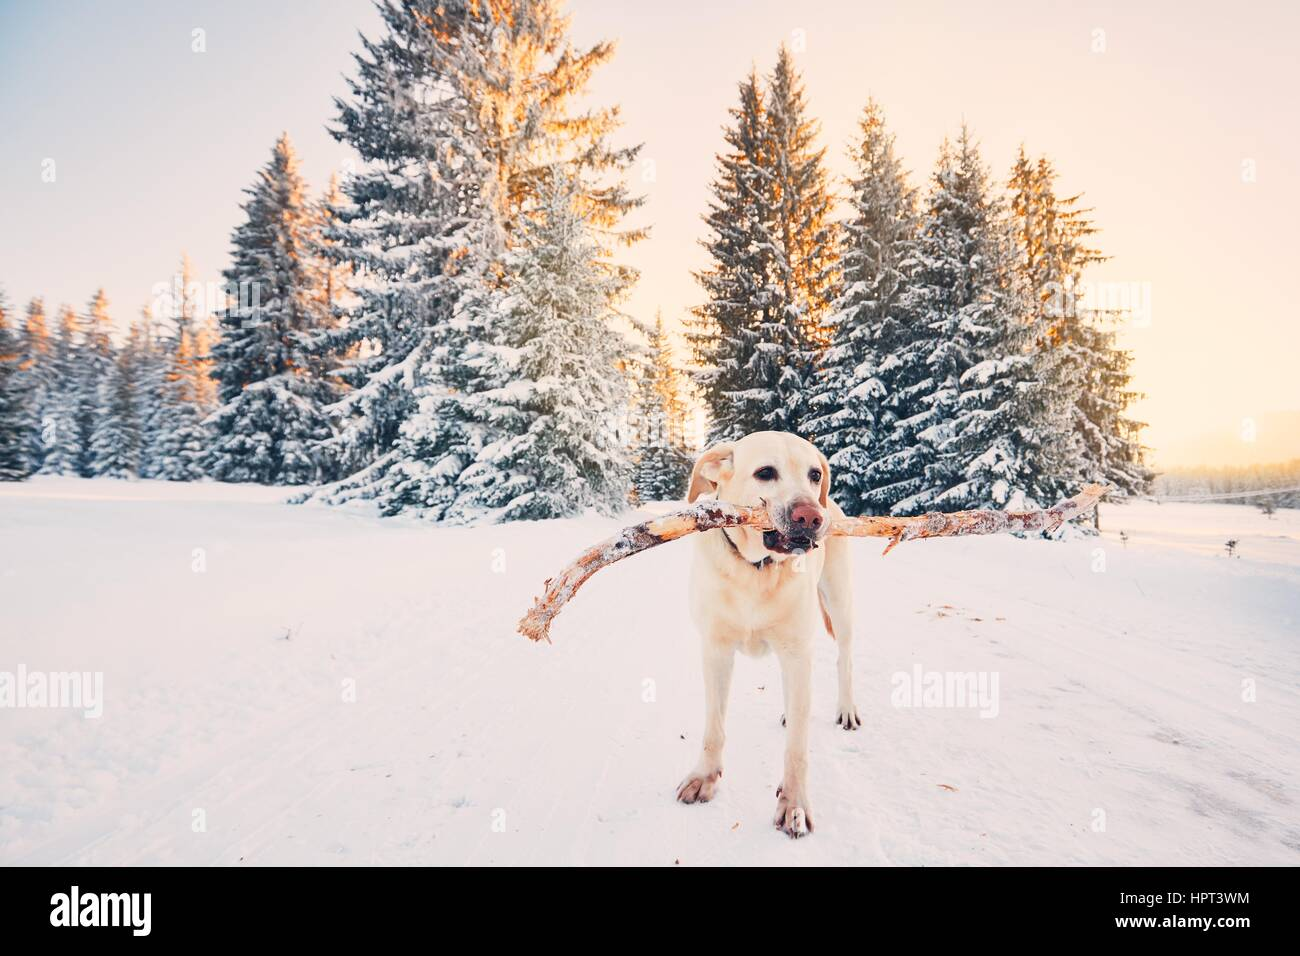 Hund im Winter Natur. Gelber Labrador Retriever spaziert mit Stock im Mund während der goldenen Sonnenuntergang. Stockbild